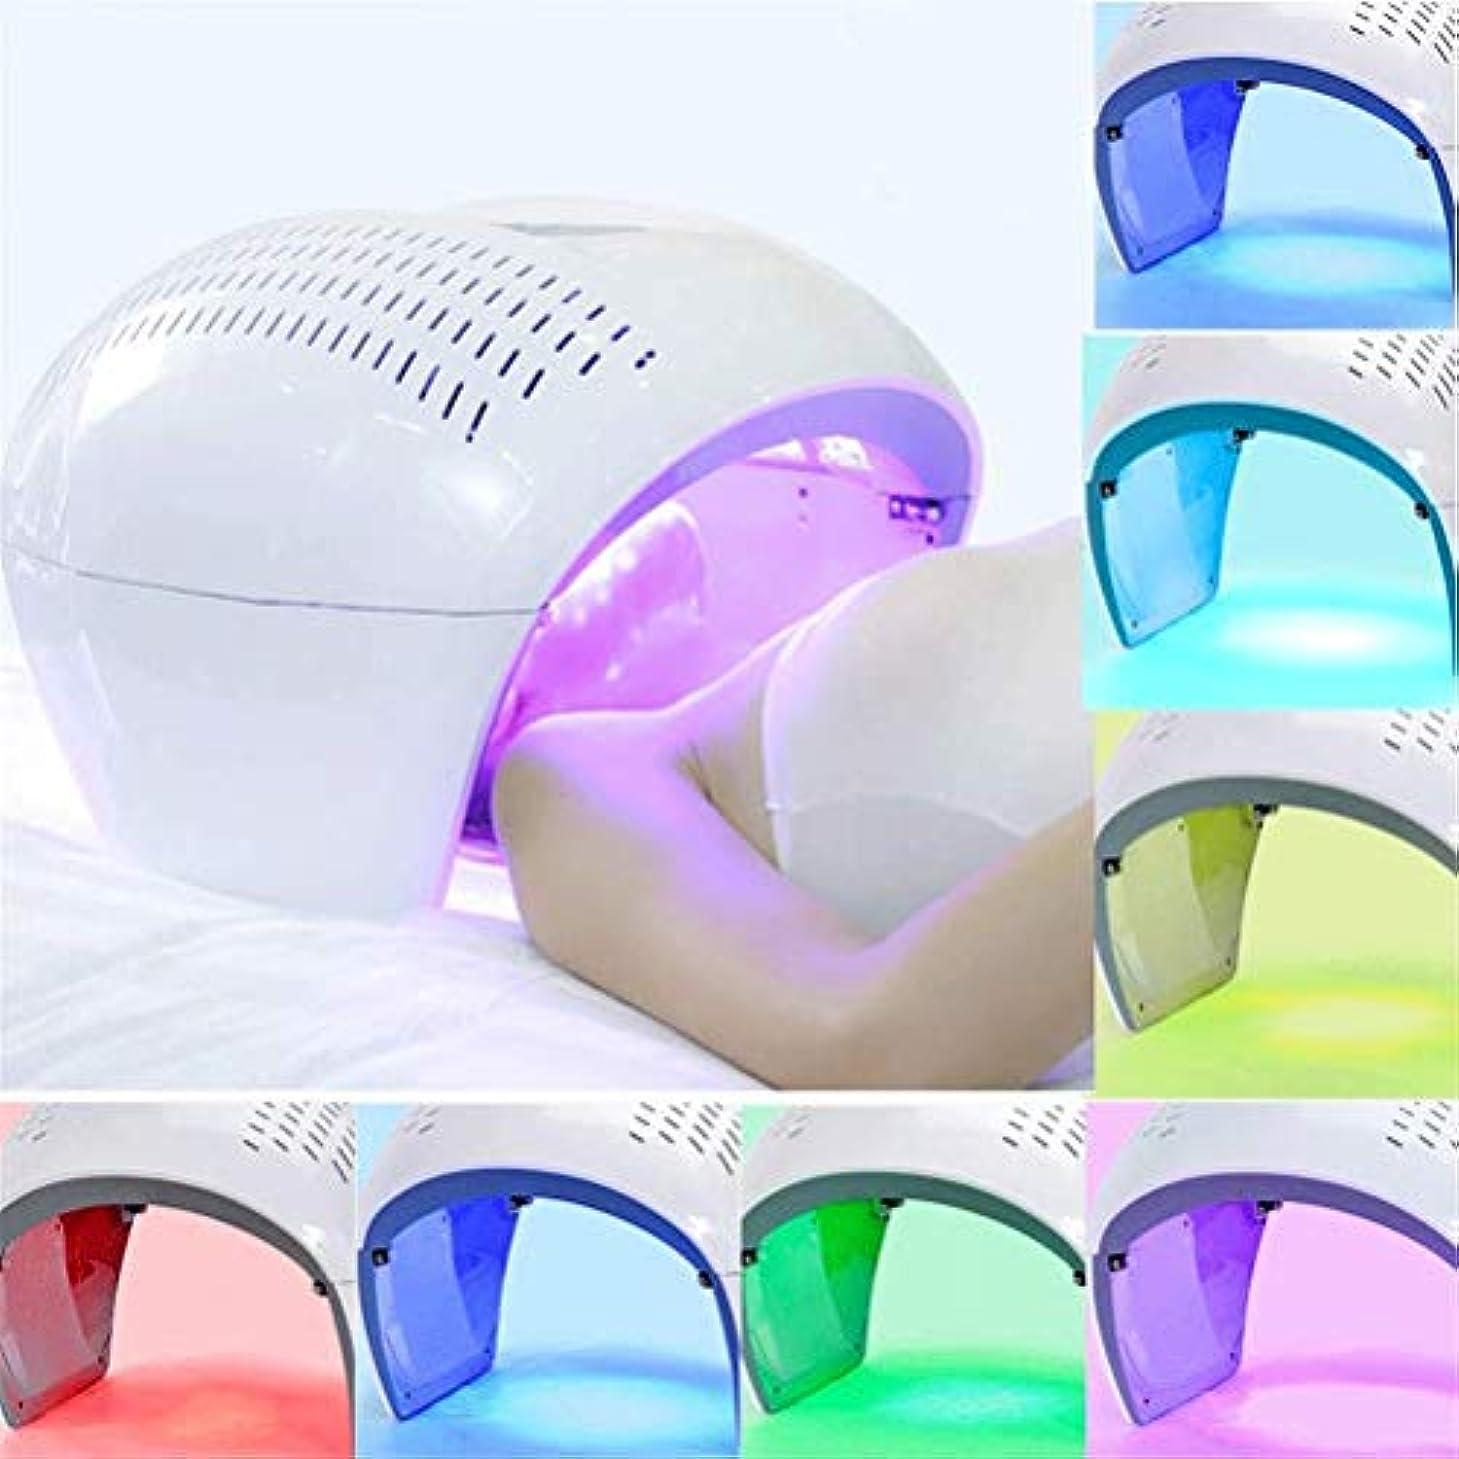 ビリー十分なれんが美容機、ホームサロンの使用のためにフェイシャルマスクセラピーライトポータブル光子PDTにきび治療しわ除去アンチエイジング肌の若返りスキンケア美容機LED - 7色の